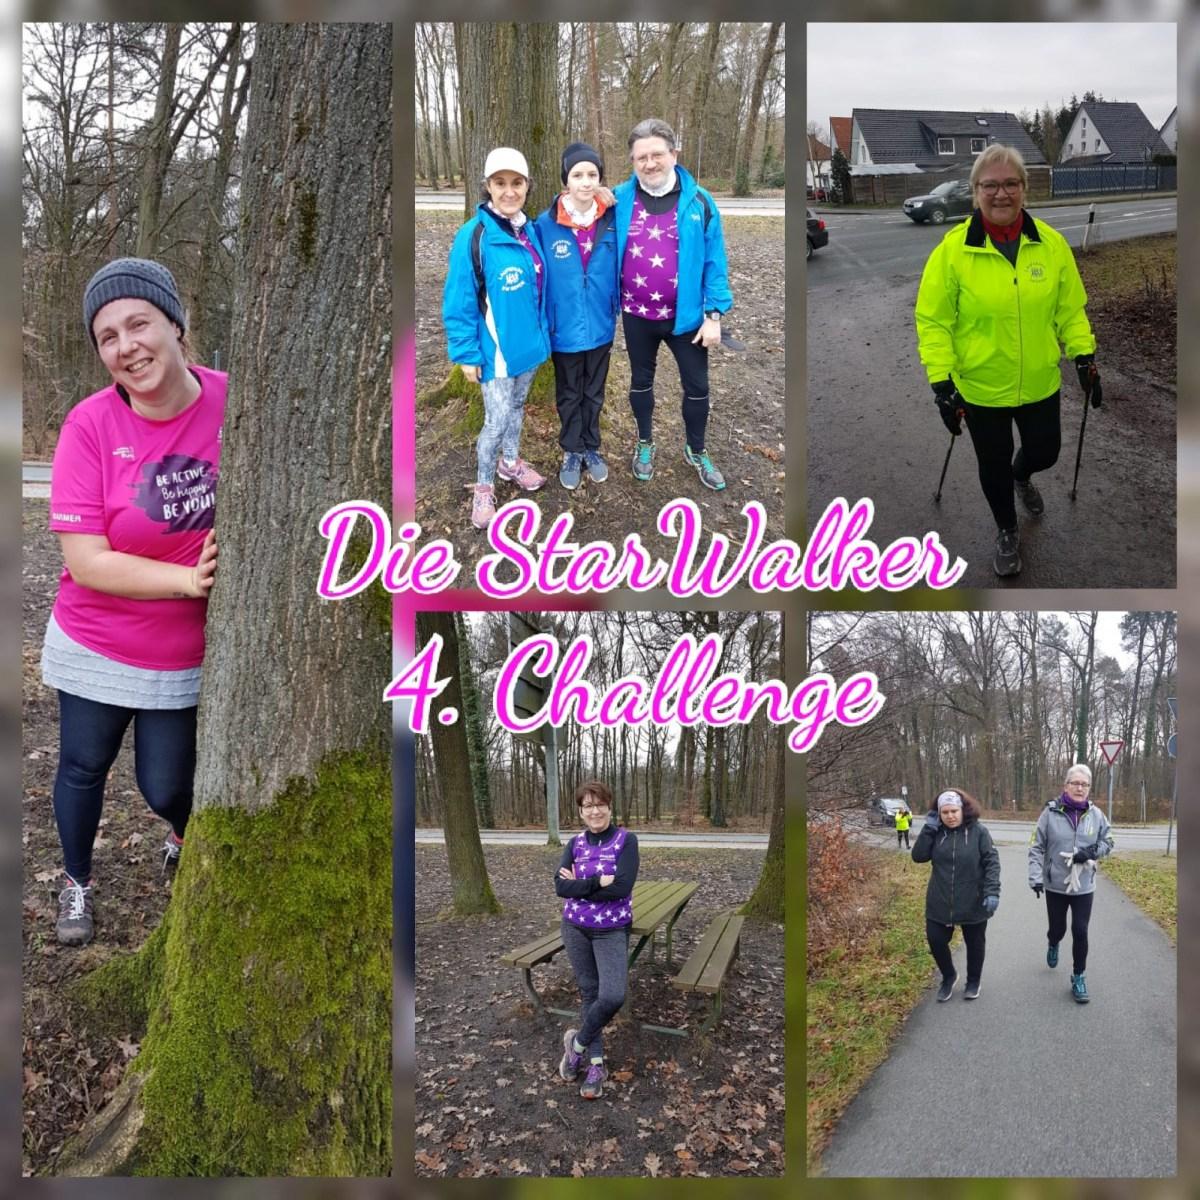 Berlinghoff-Beate-4-Challenge-Marathon-Team-Otukl